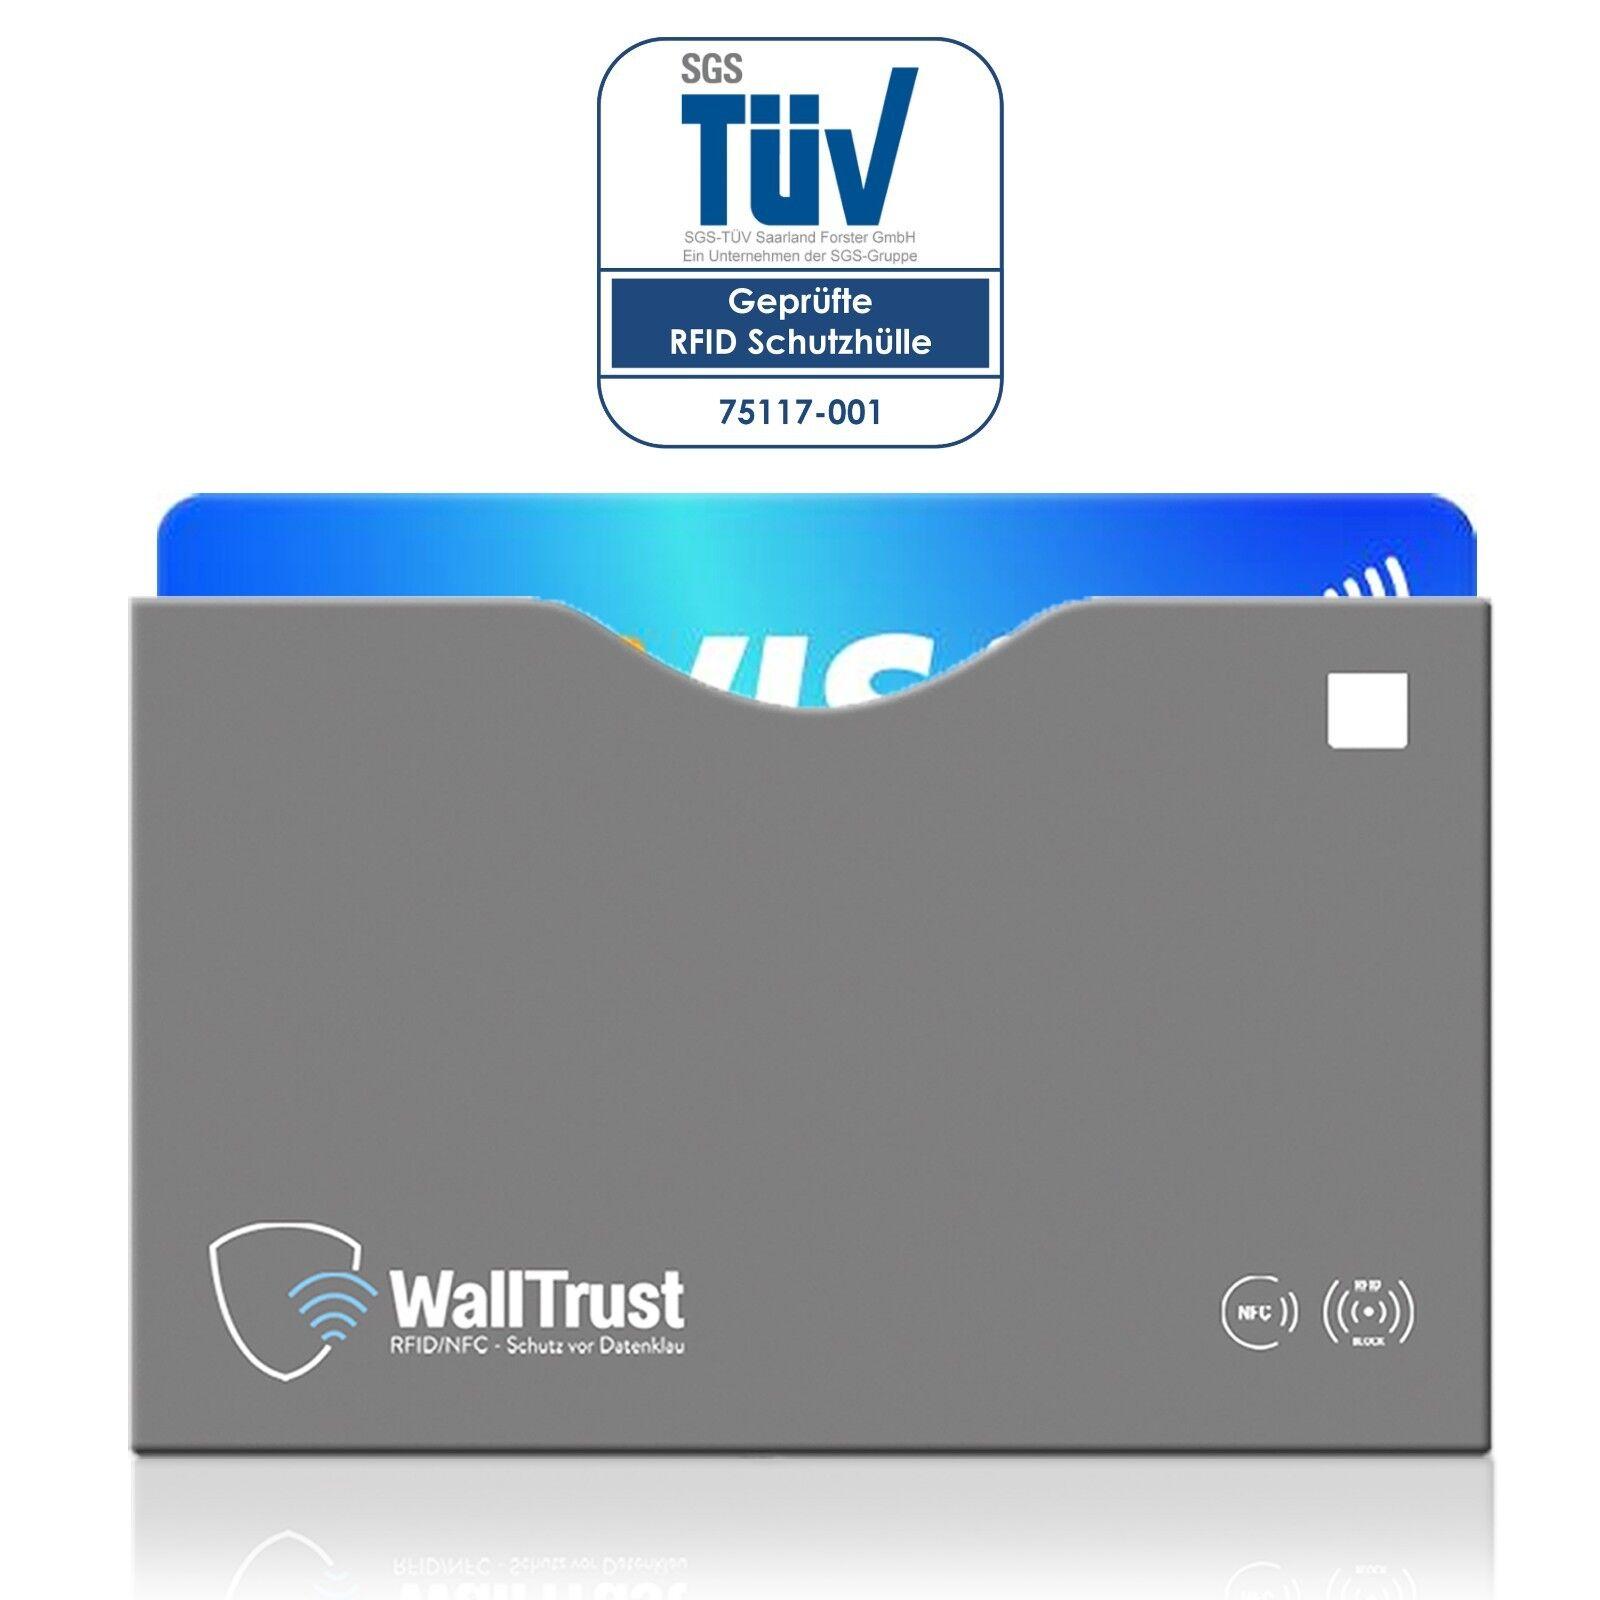 Bloqueador de WallTrust® RFID NFC CE cubre las tarjetas de crédito   TÜV   Parte superior abierta